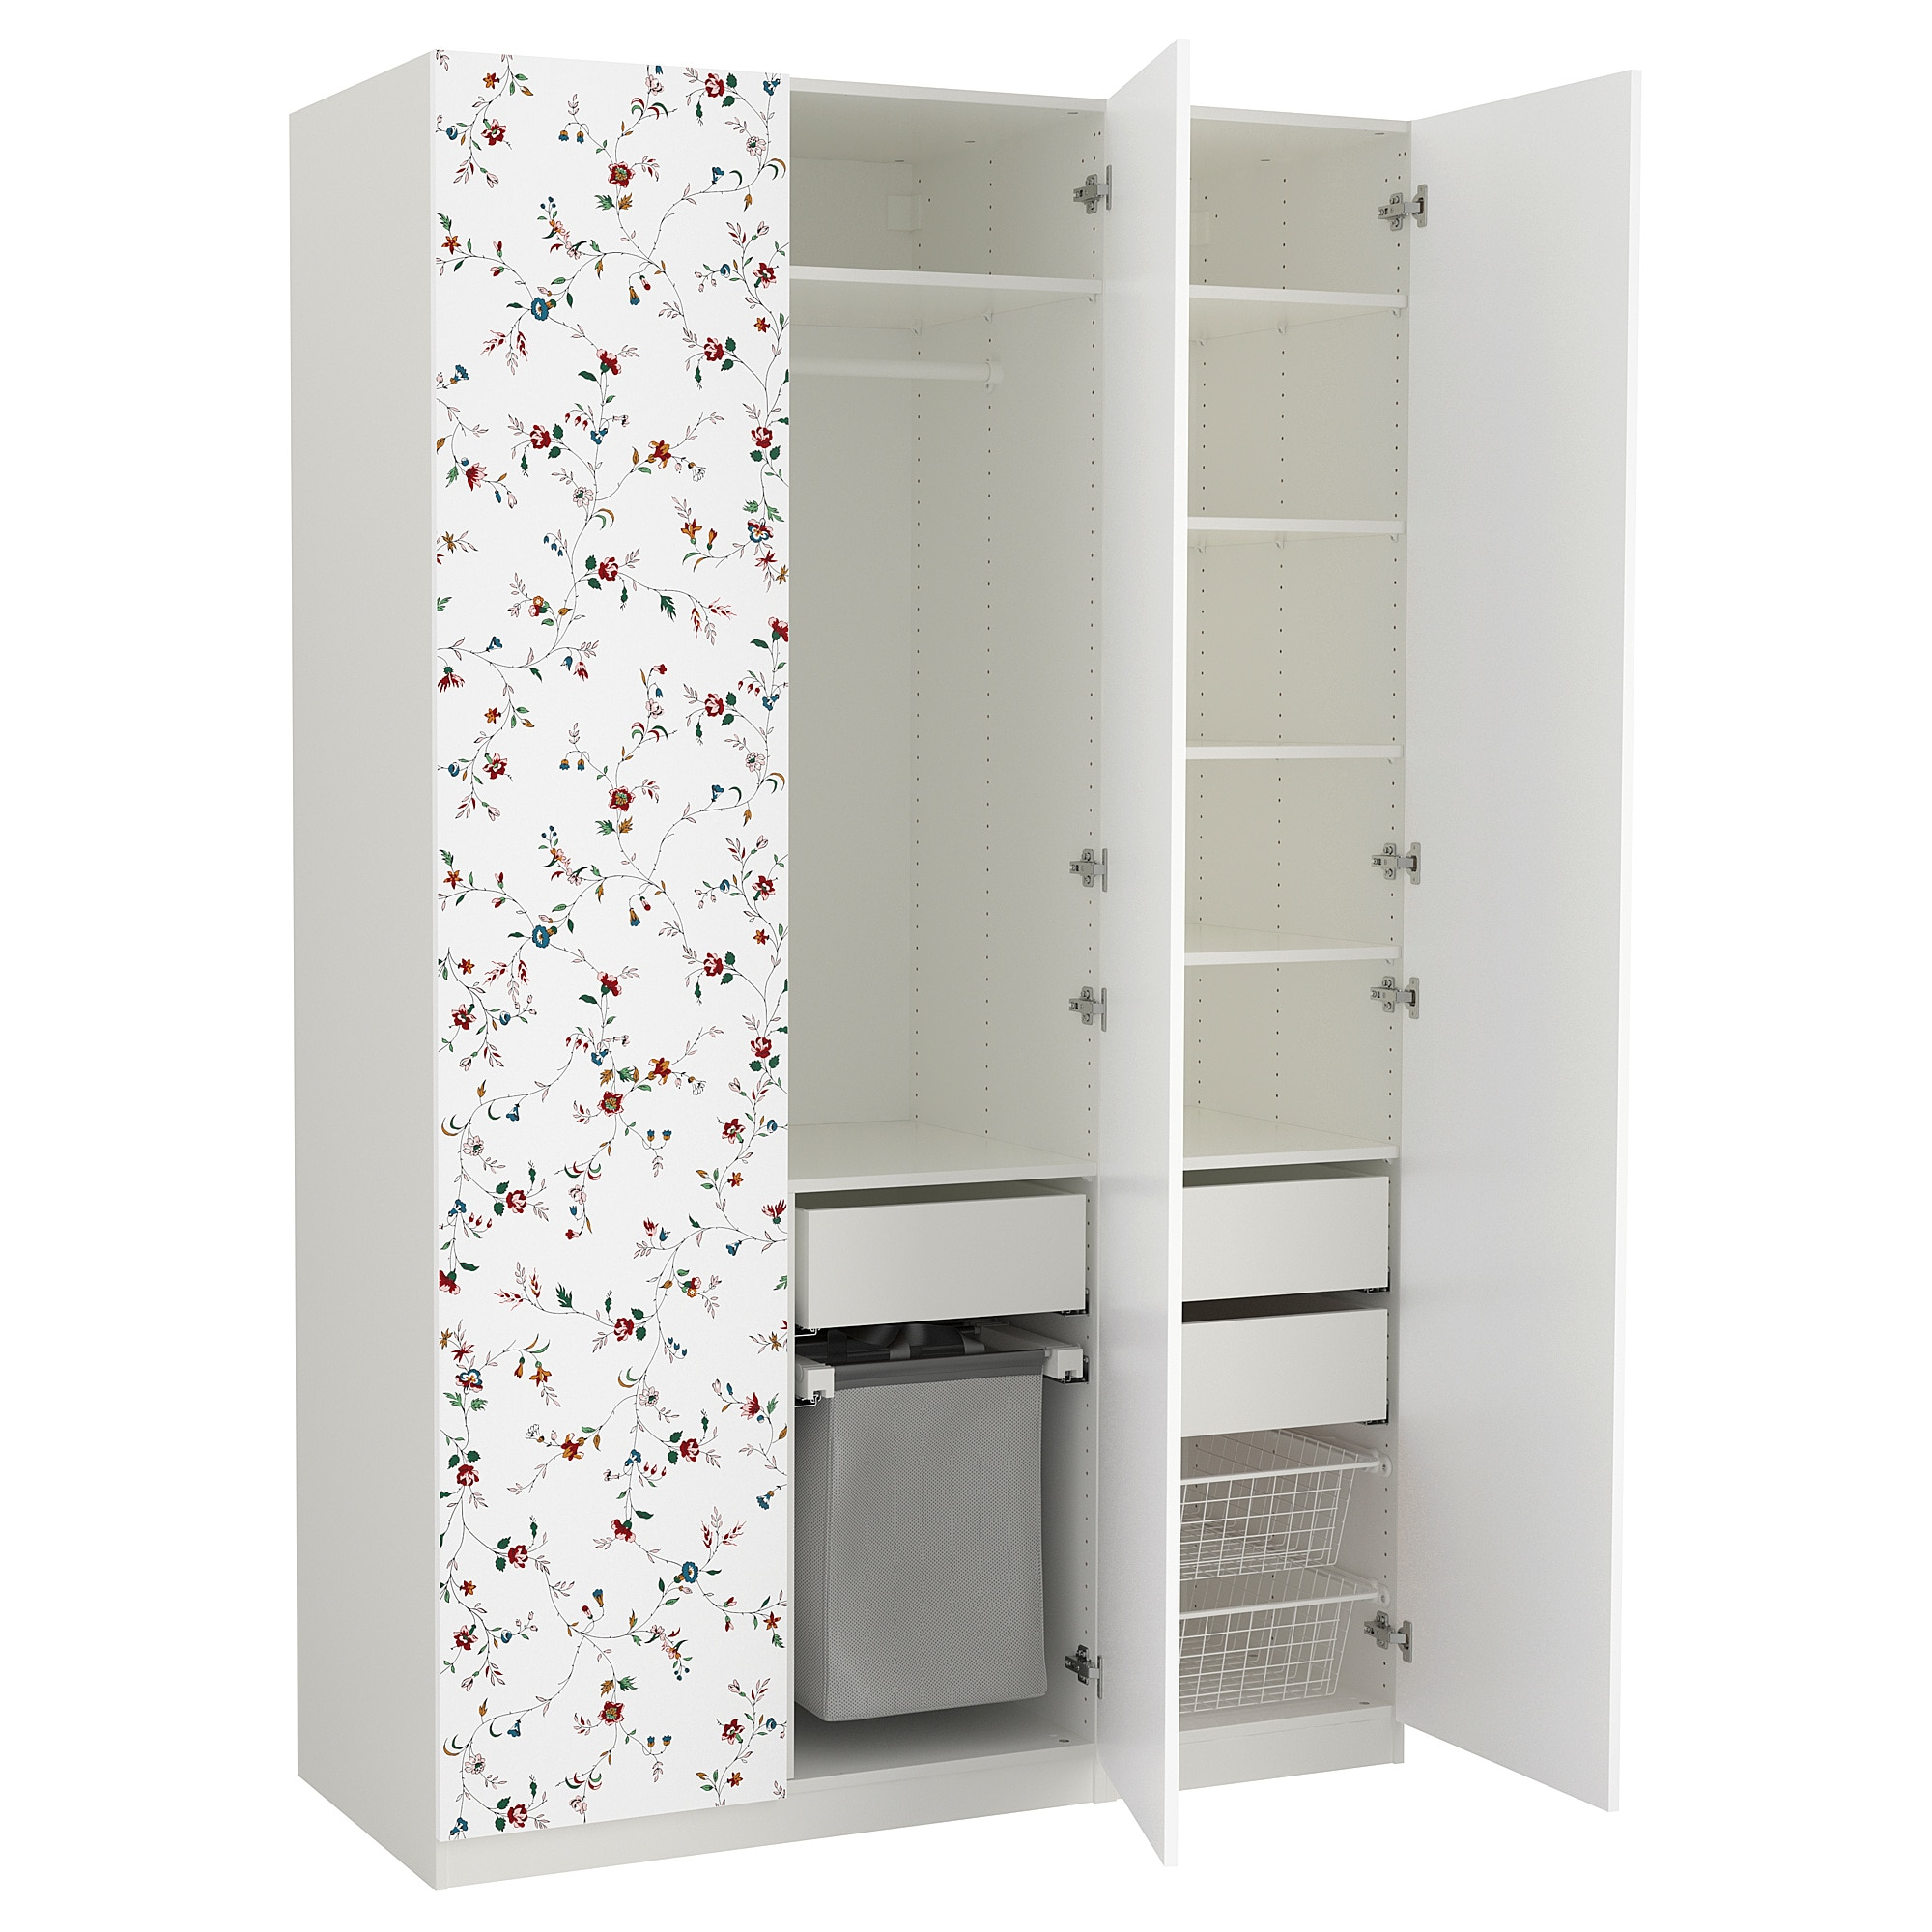 Ikea Armarios A Medida Dddy Pax Armario Blanco Marnardal Dibujo Con Flores 150 X 60 X 236 Cm Ikea